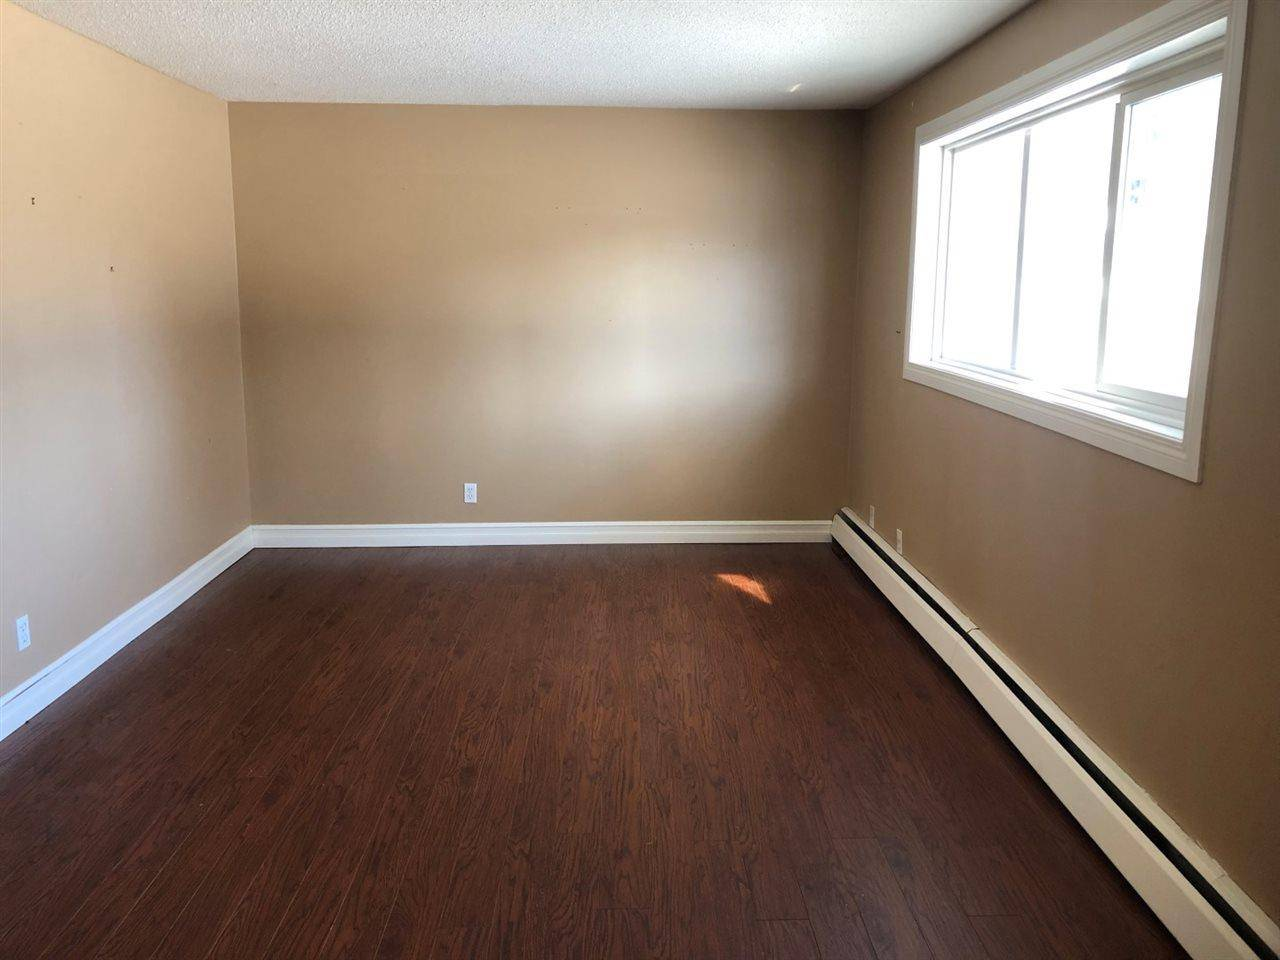 Condo for sale at 10606 123 St Nw Unit 106 Edmonton Alberta - MLS: E4192488